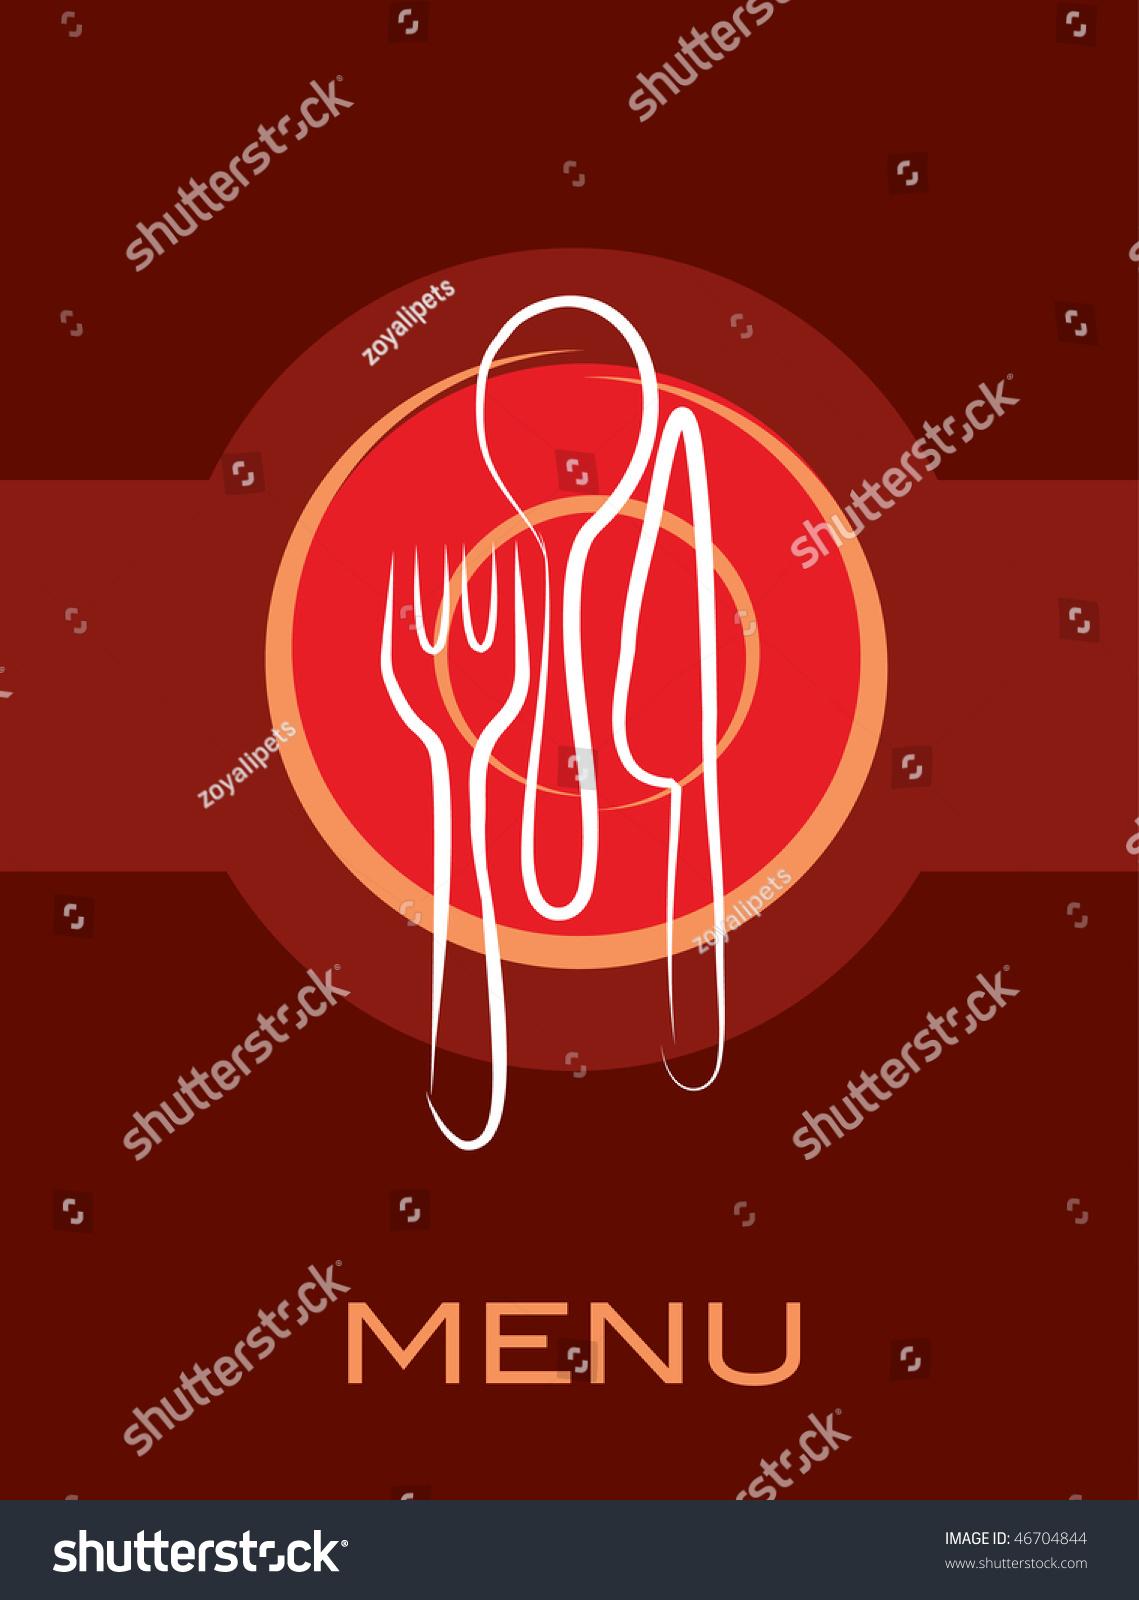 Restaurant menu design stock vector illustration